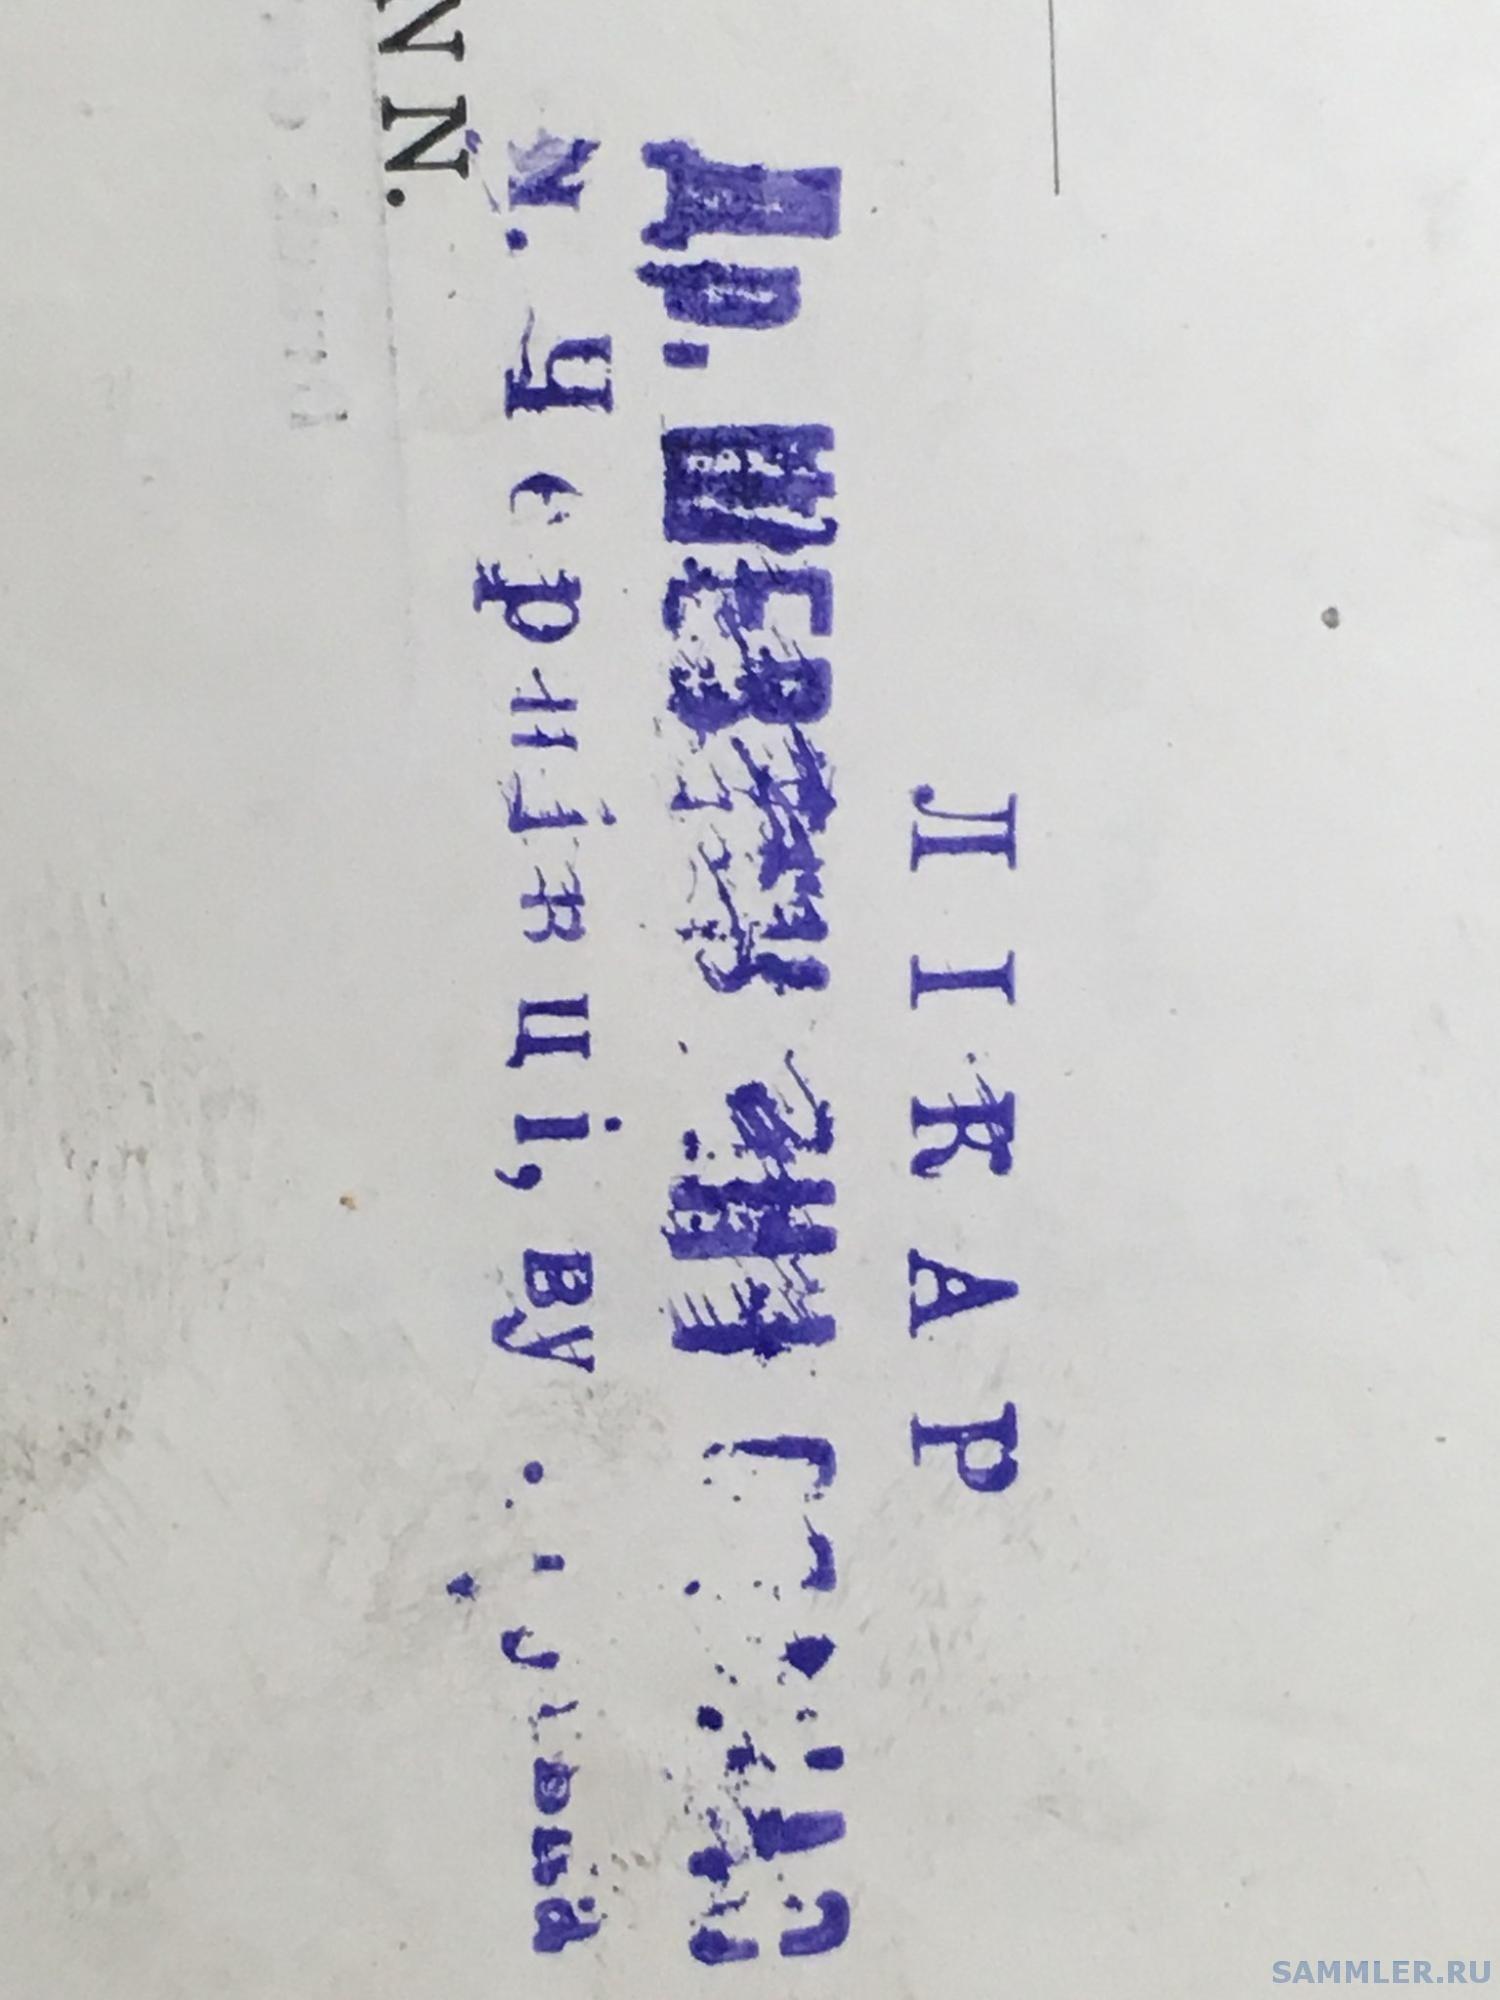 DE7A94E6-27A1-4F06-8EA0-CCF31B2FF44B.jpg